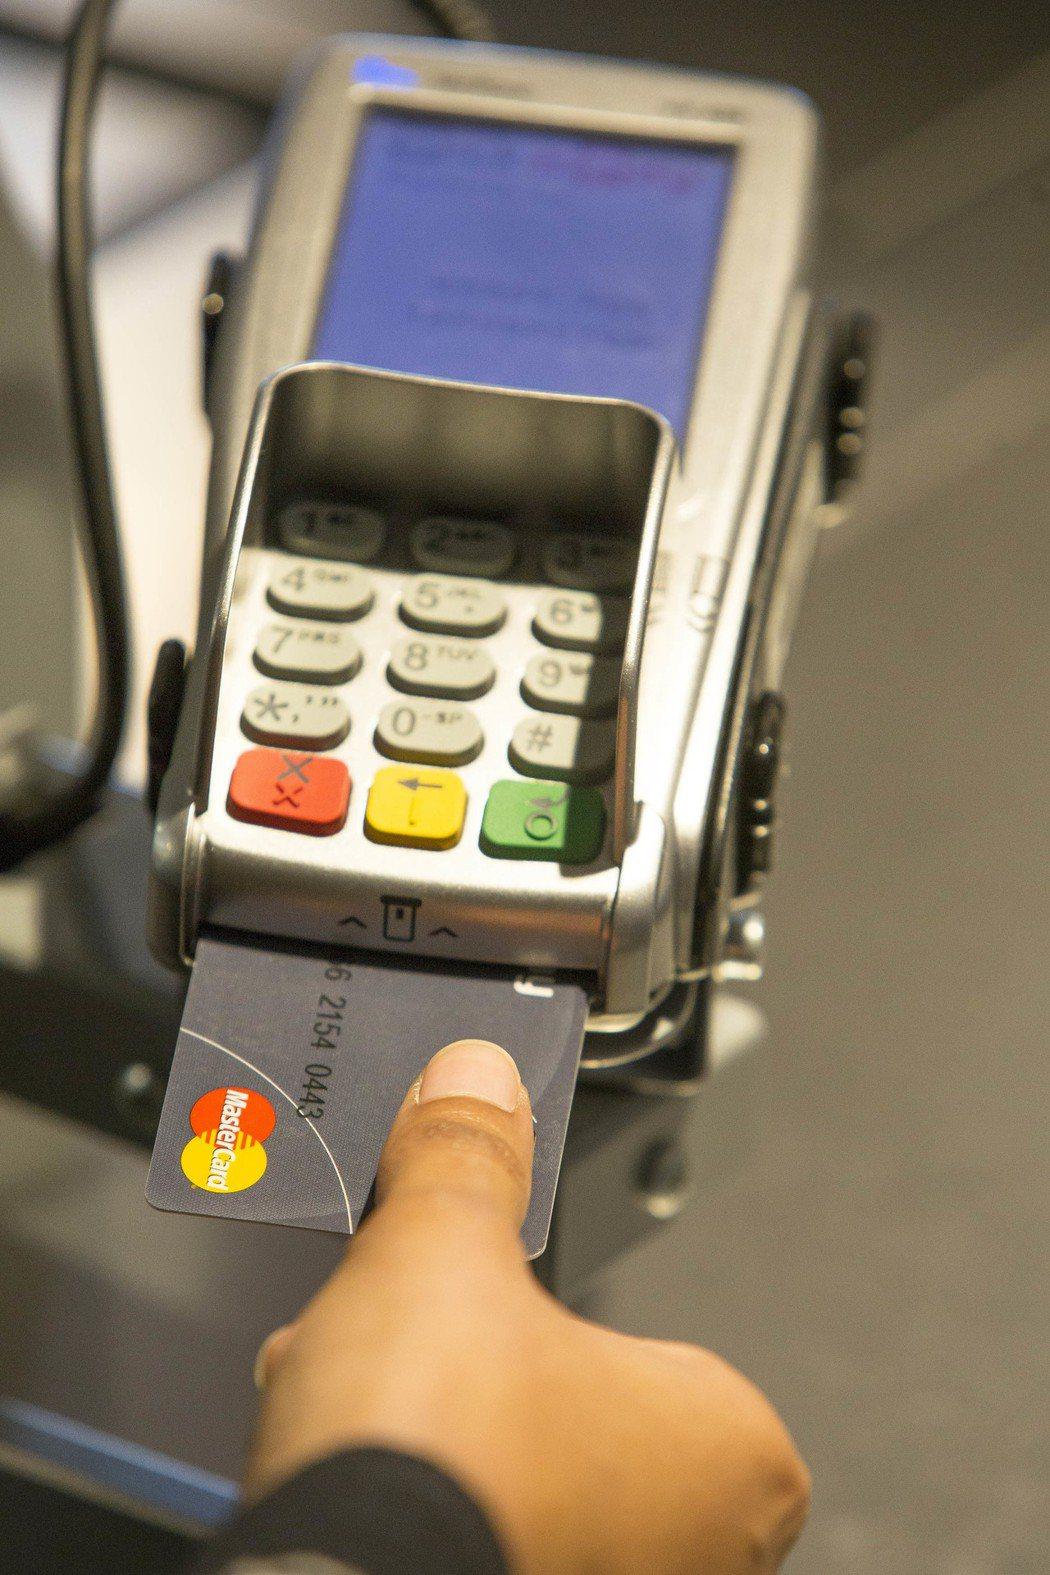 萬事達卡推出新一代生物辨識卡,指紋加密儲存至晶片卡,手指放在卡片上認證就完成交易...